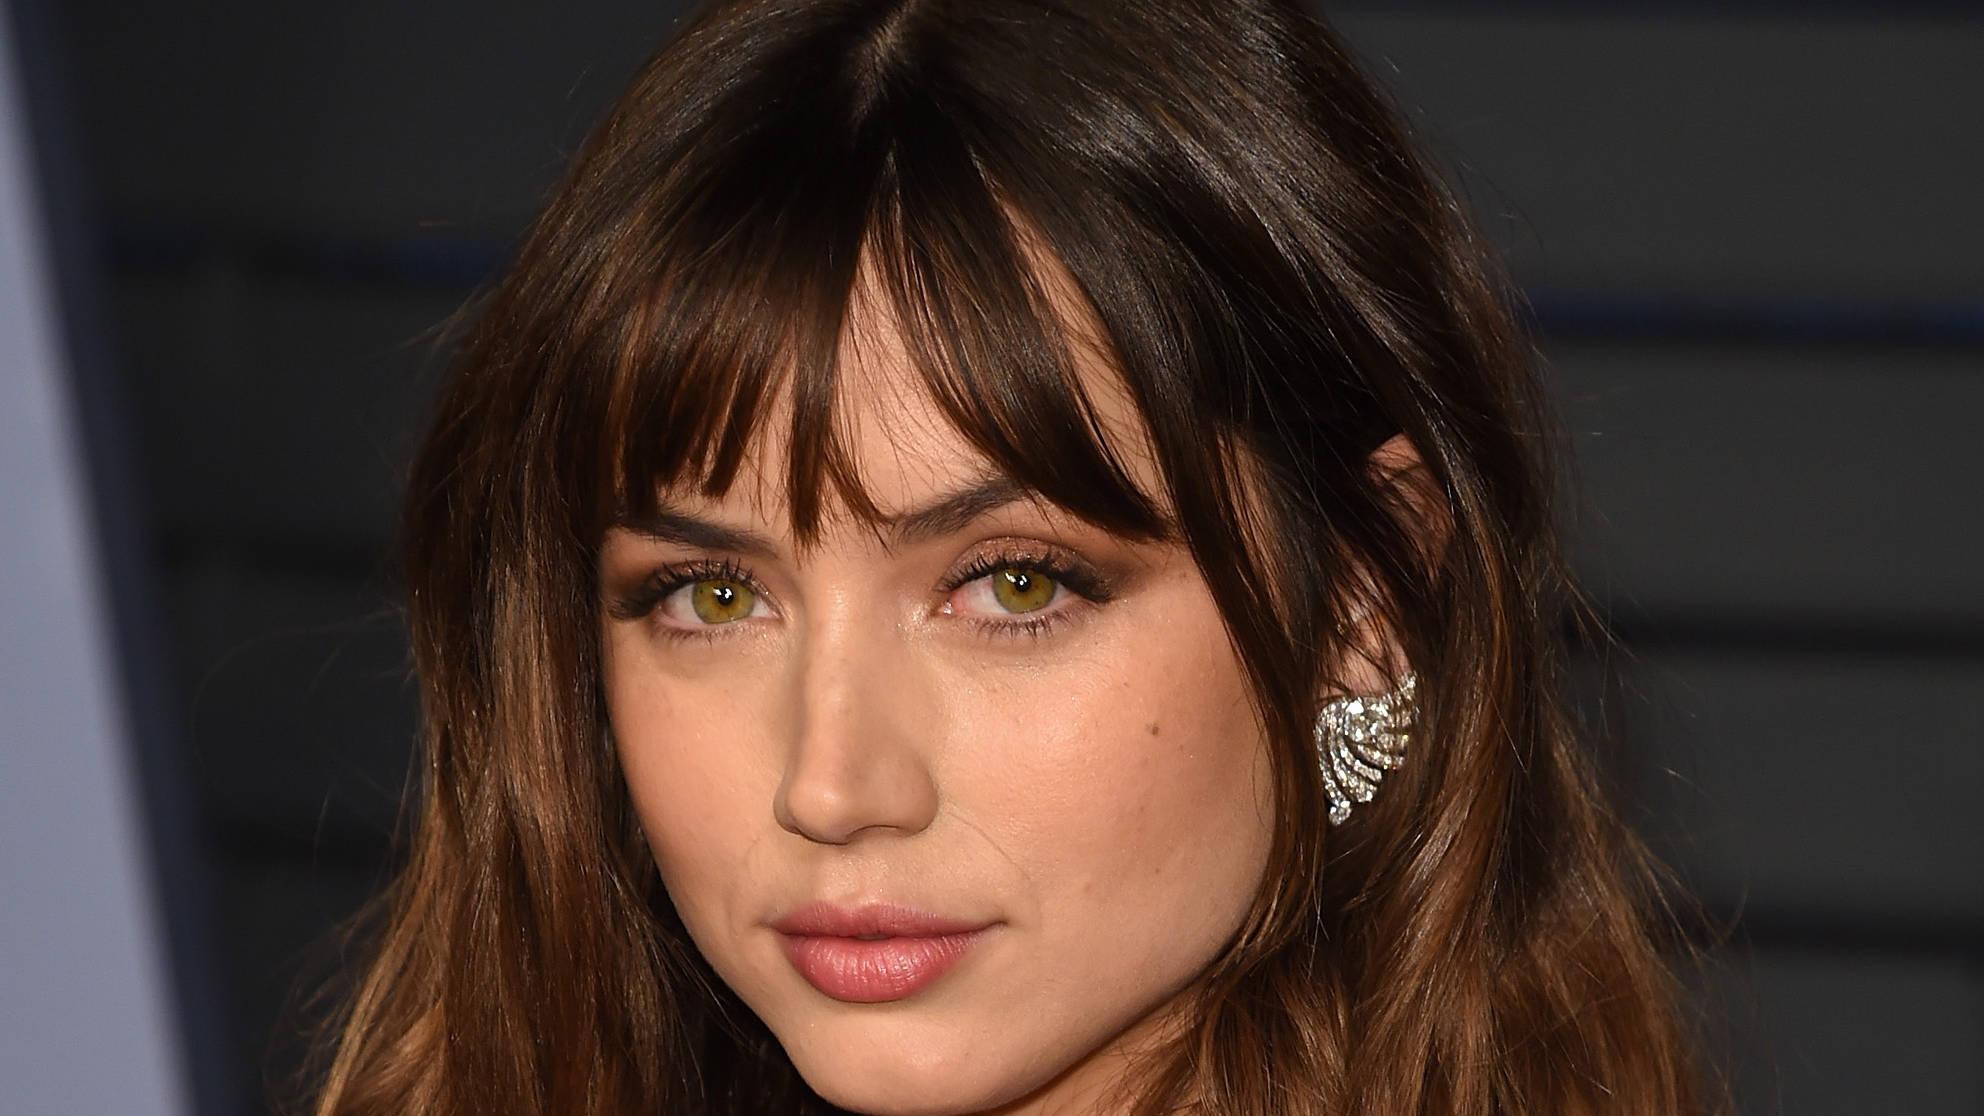 Ana De Armas Una Rosa De Francia who is new 'bond girl' ana de armas? age, boyfriend and